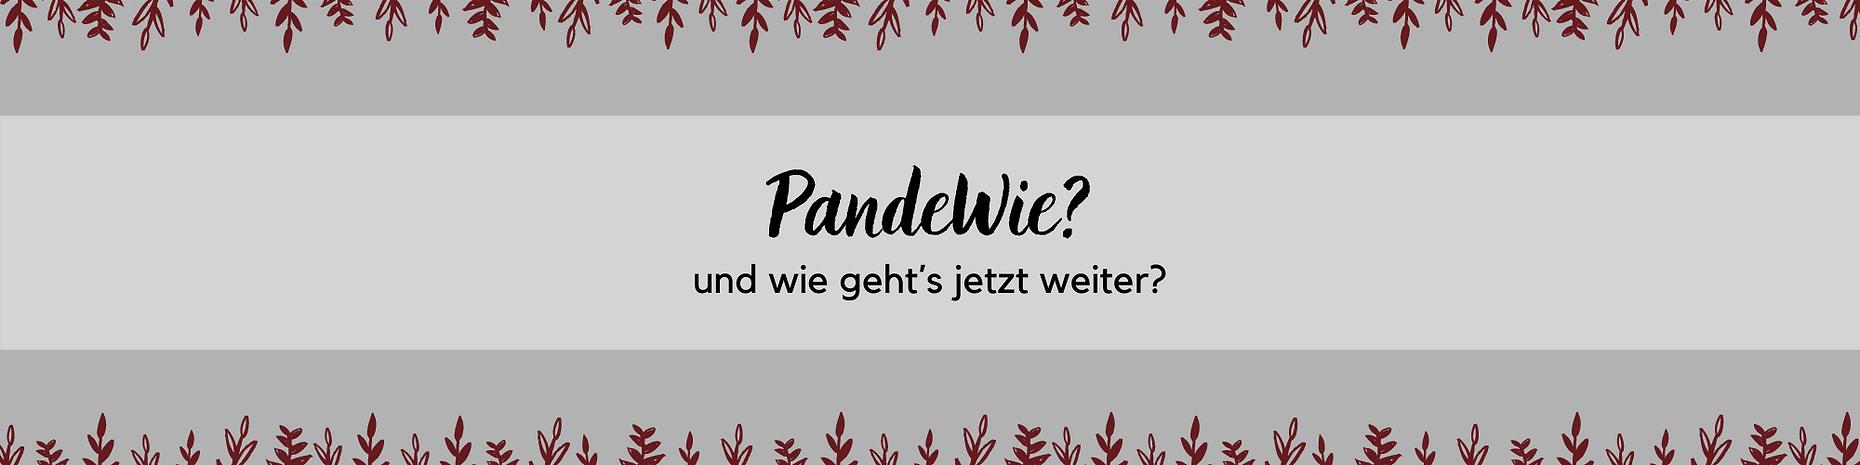 Kopie von Kopie von PandeWie_ (1).png